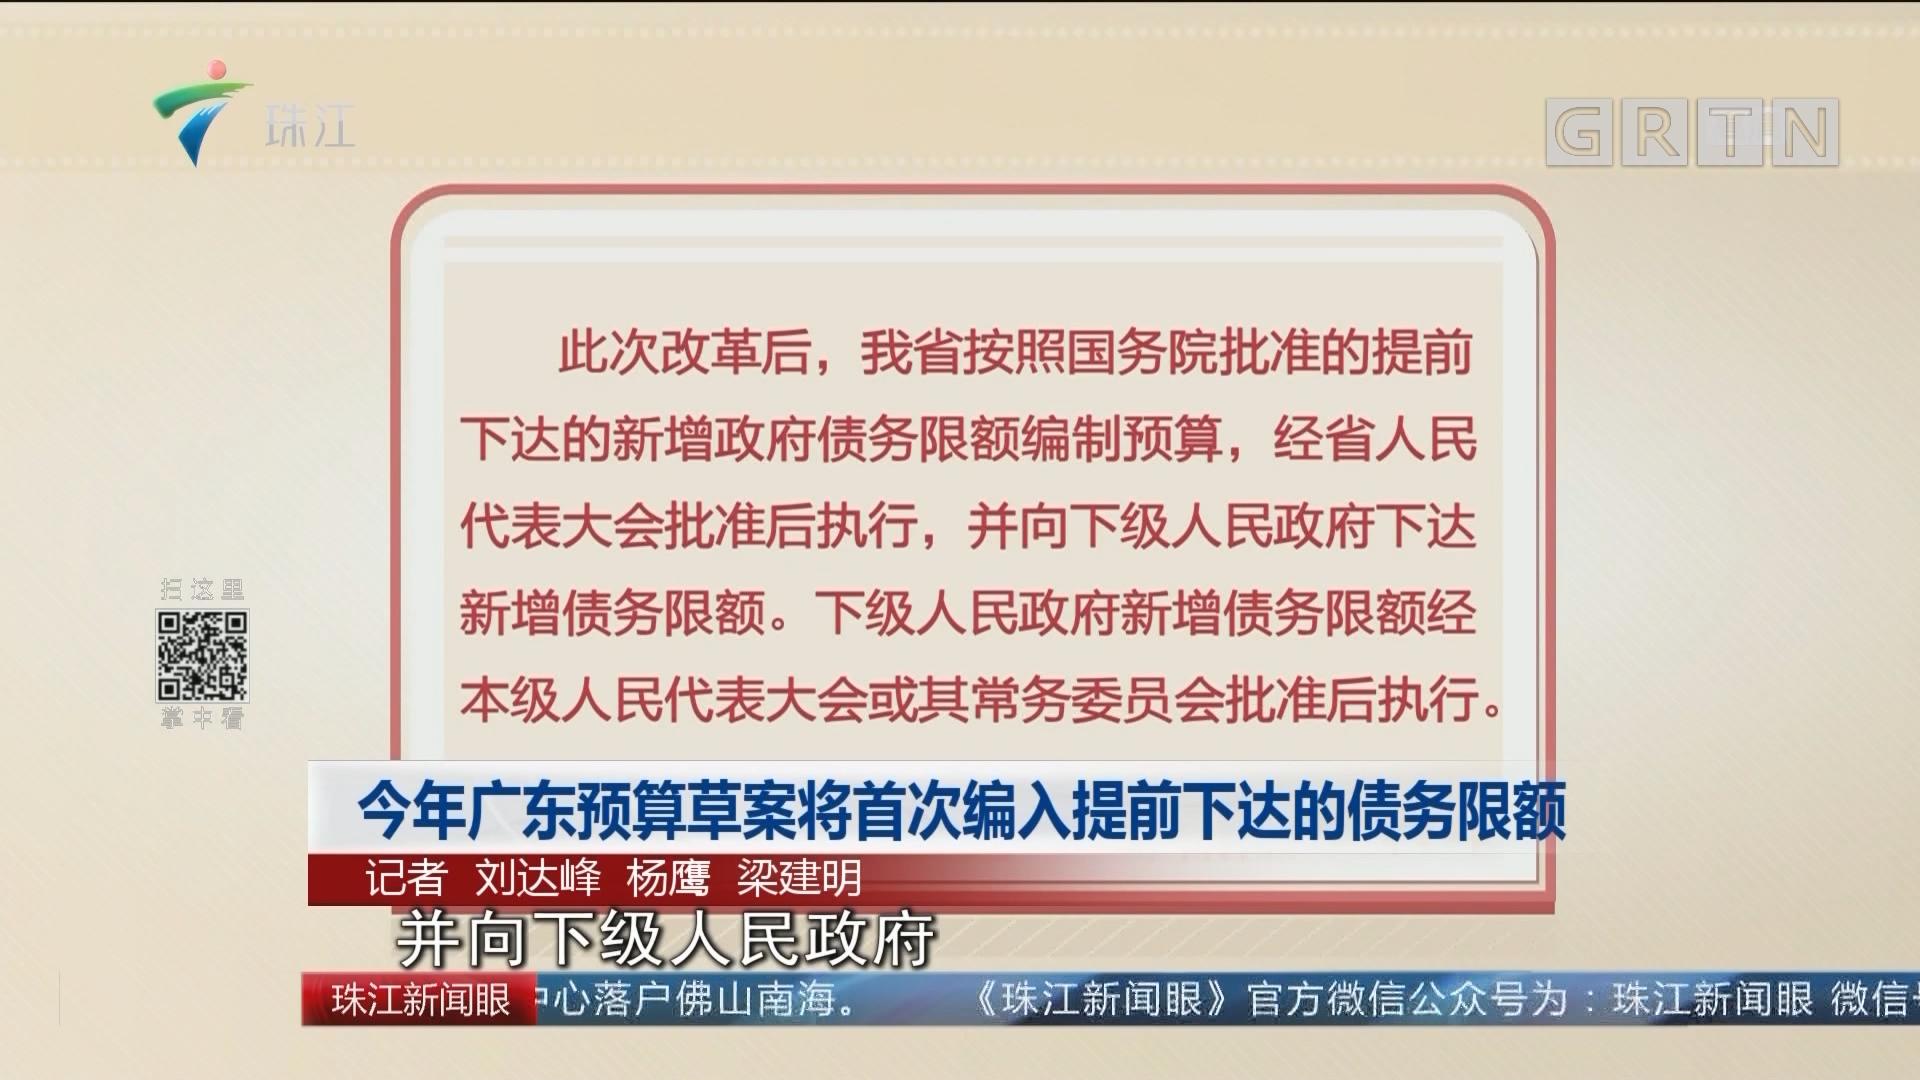 今年广东预算草案将首次编入提前下达的债务限额